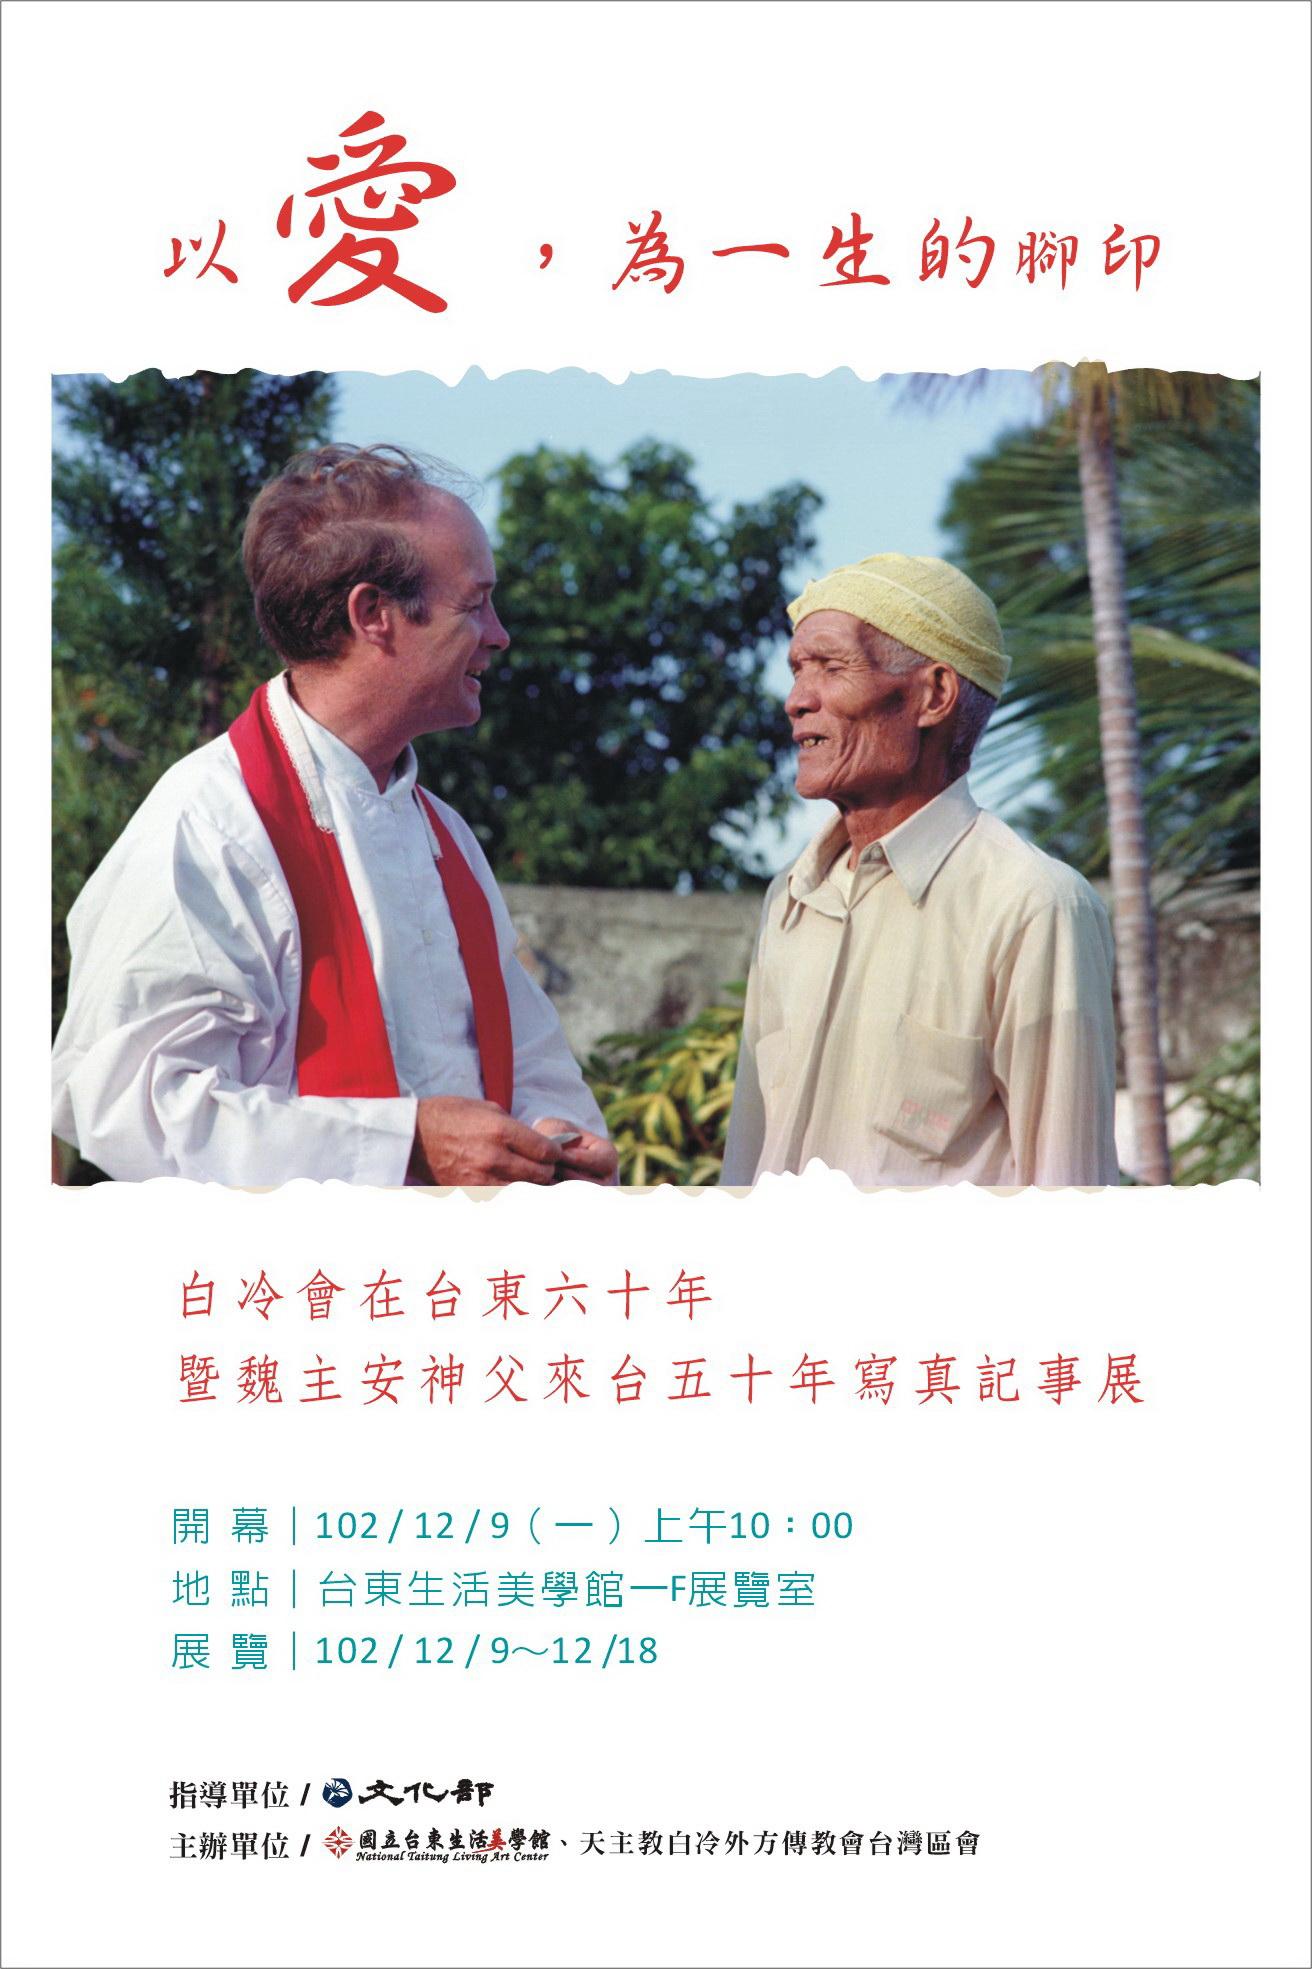 白冷會60年寫真展9日展出 – 臺東電子報 news